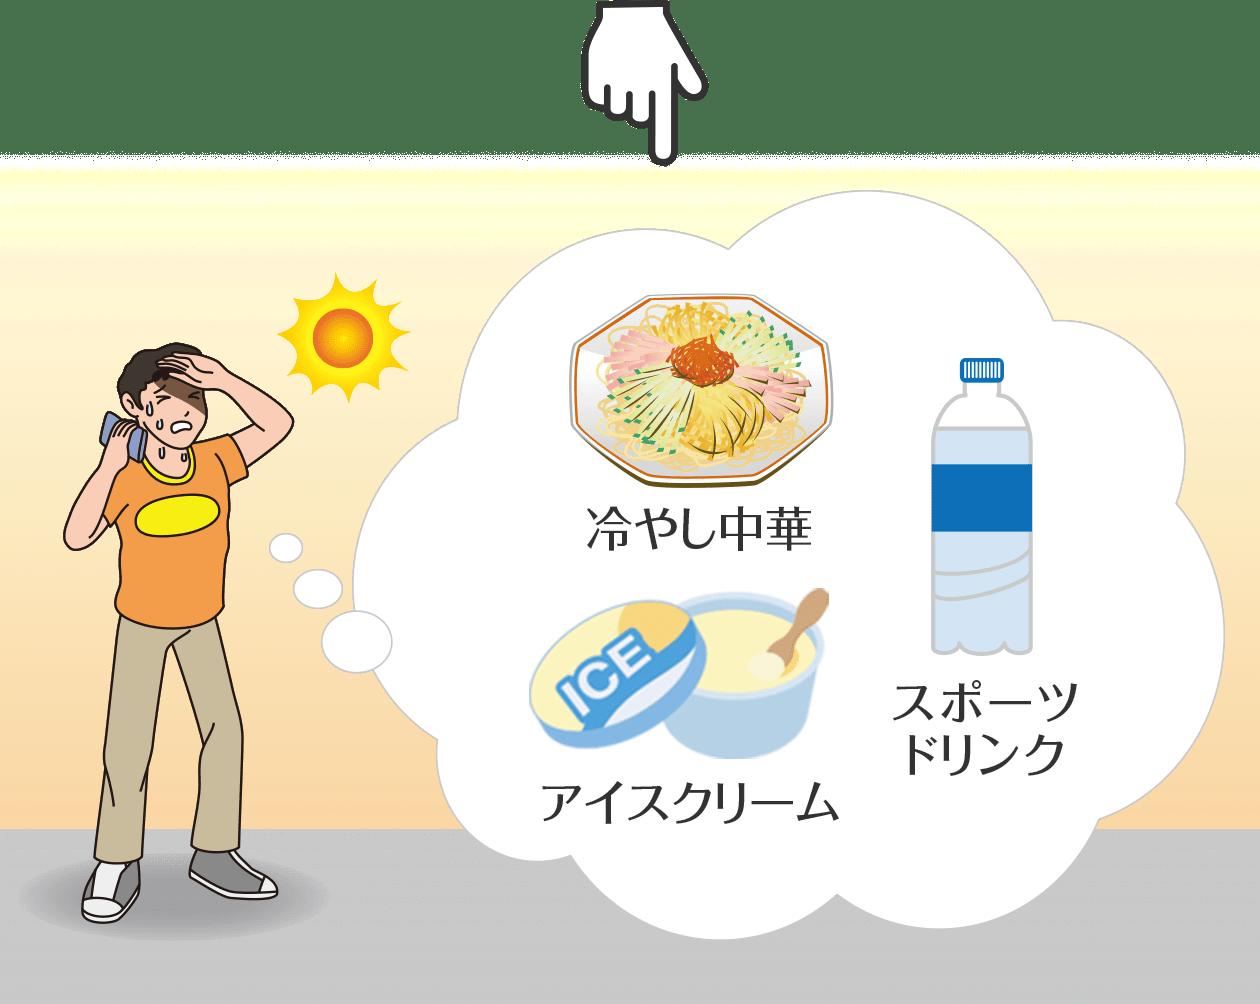 例えば暑い日に売れるものはなんだろう?